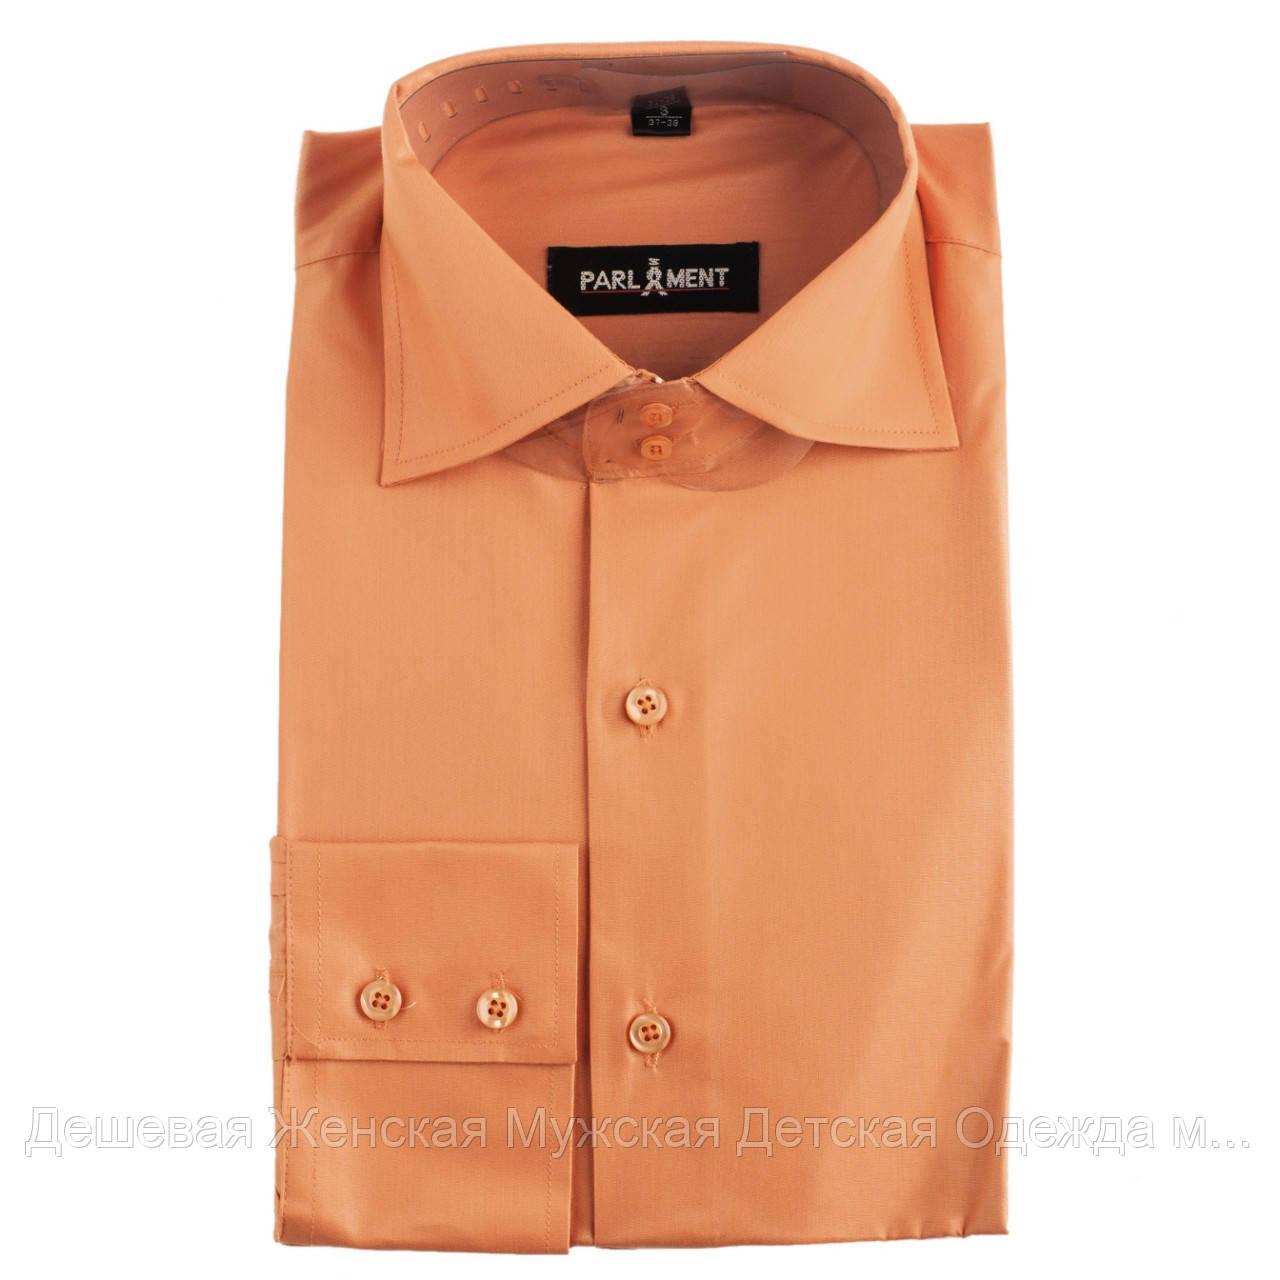 Мужские рубашки длинный рукав в ассортименте